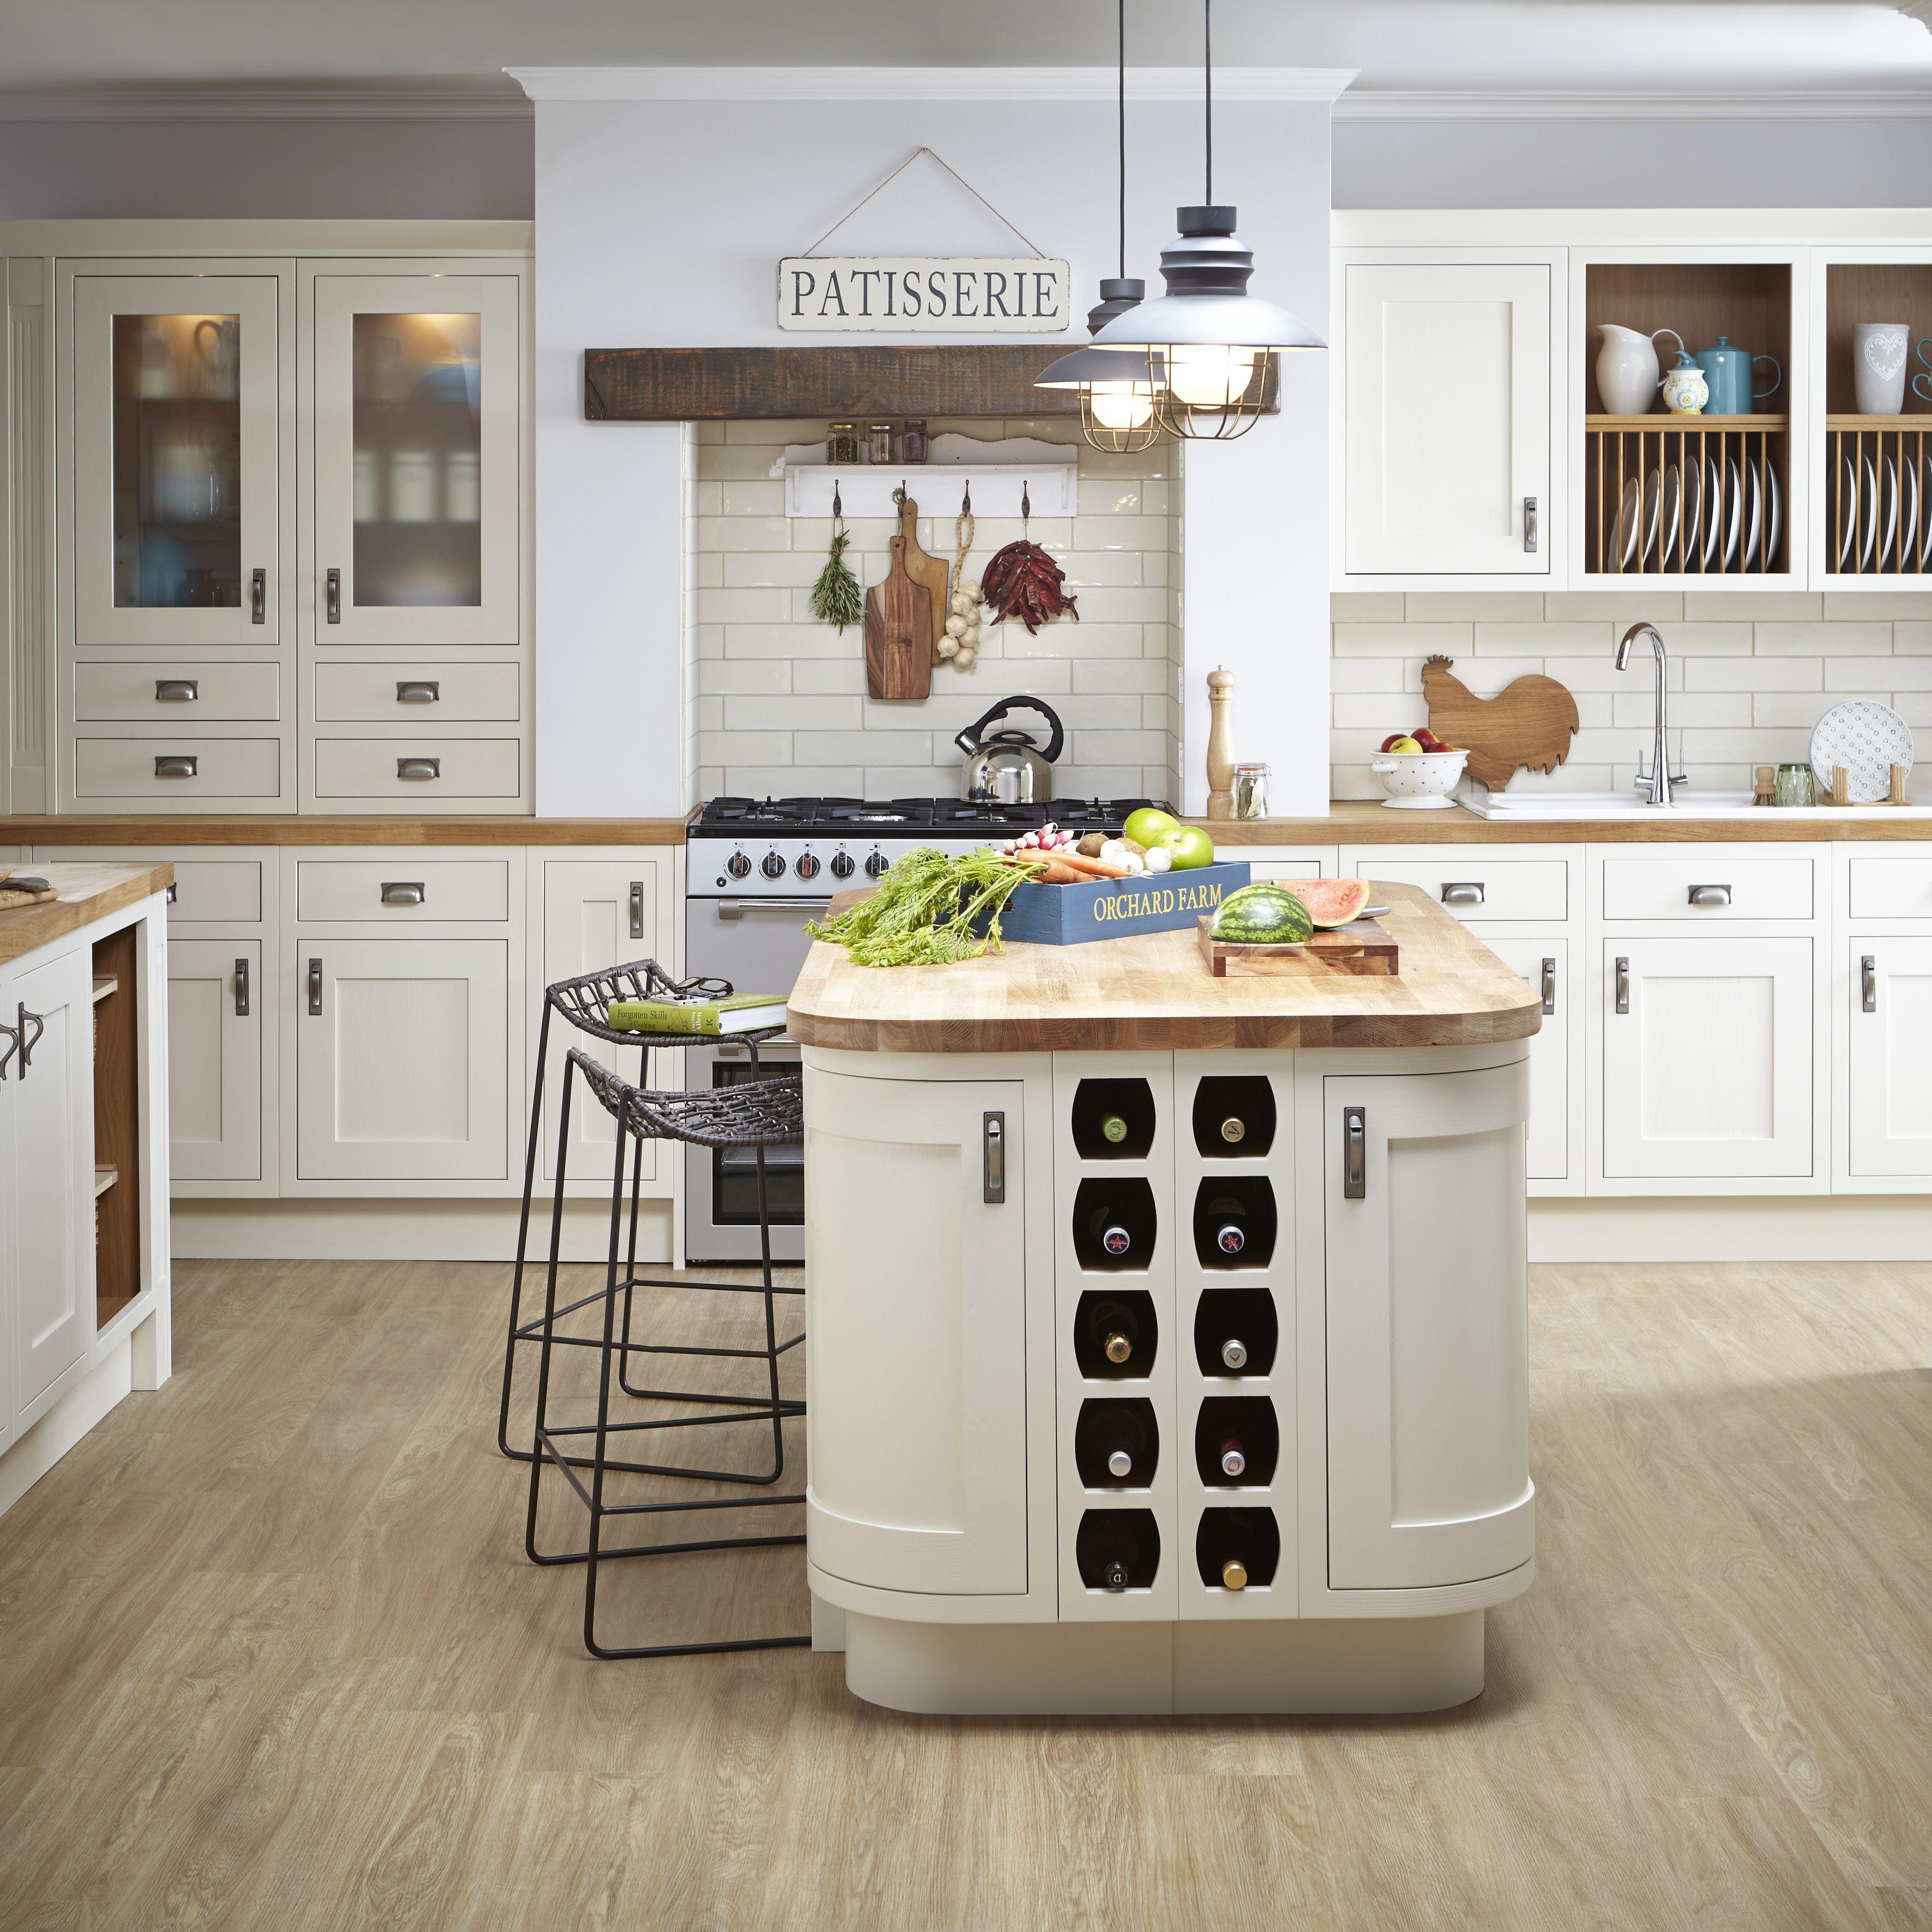 Country kitchen design ideas Help Ideas DIY at BQ